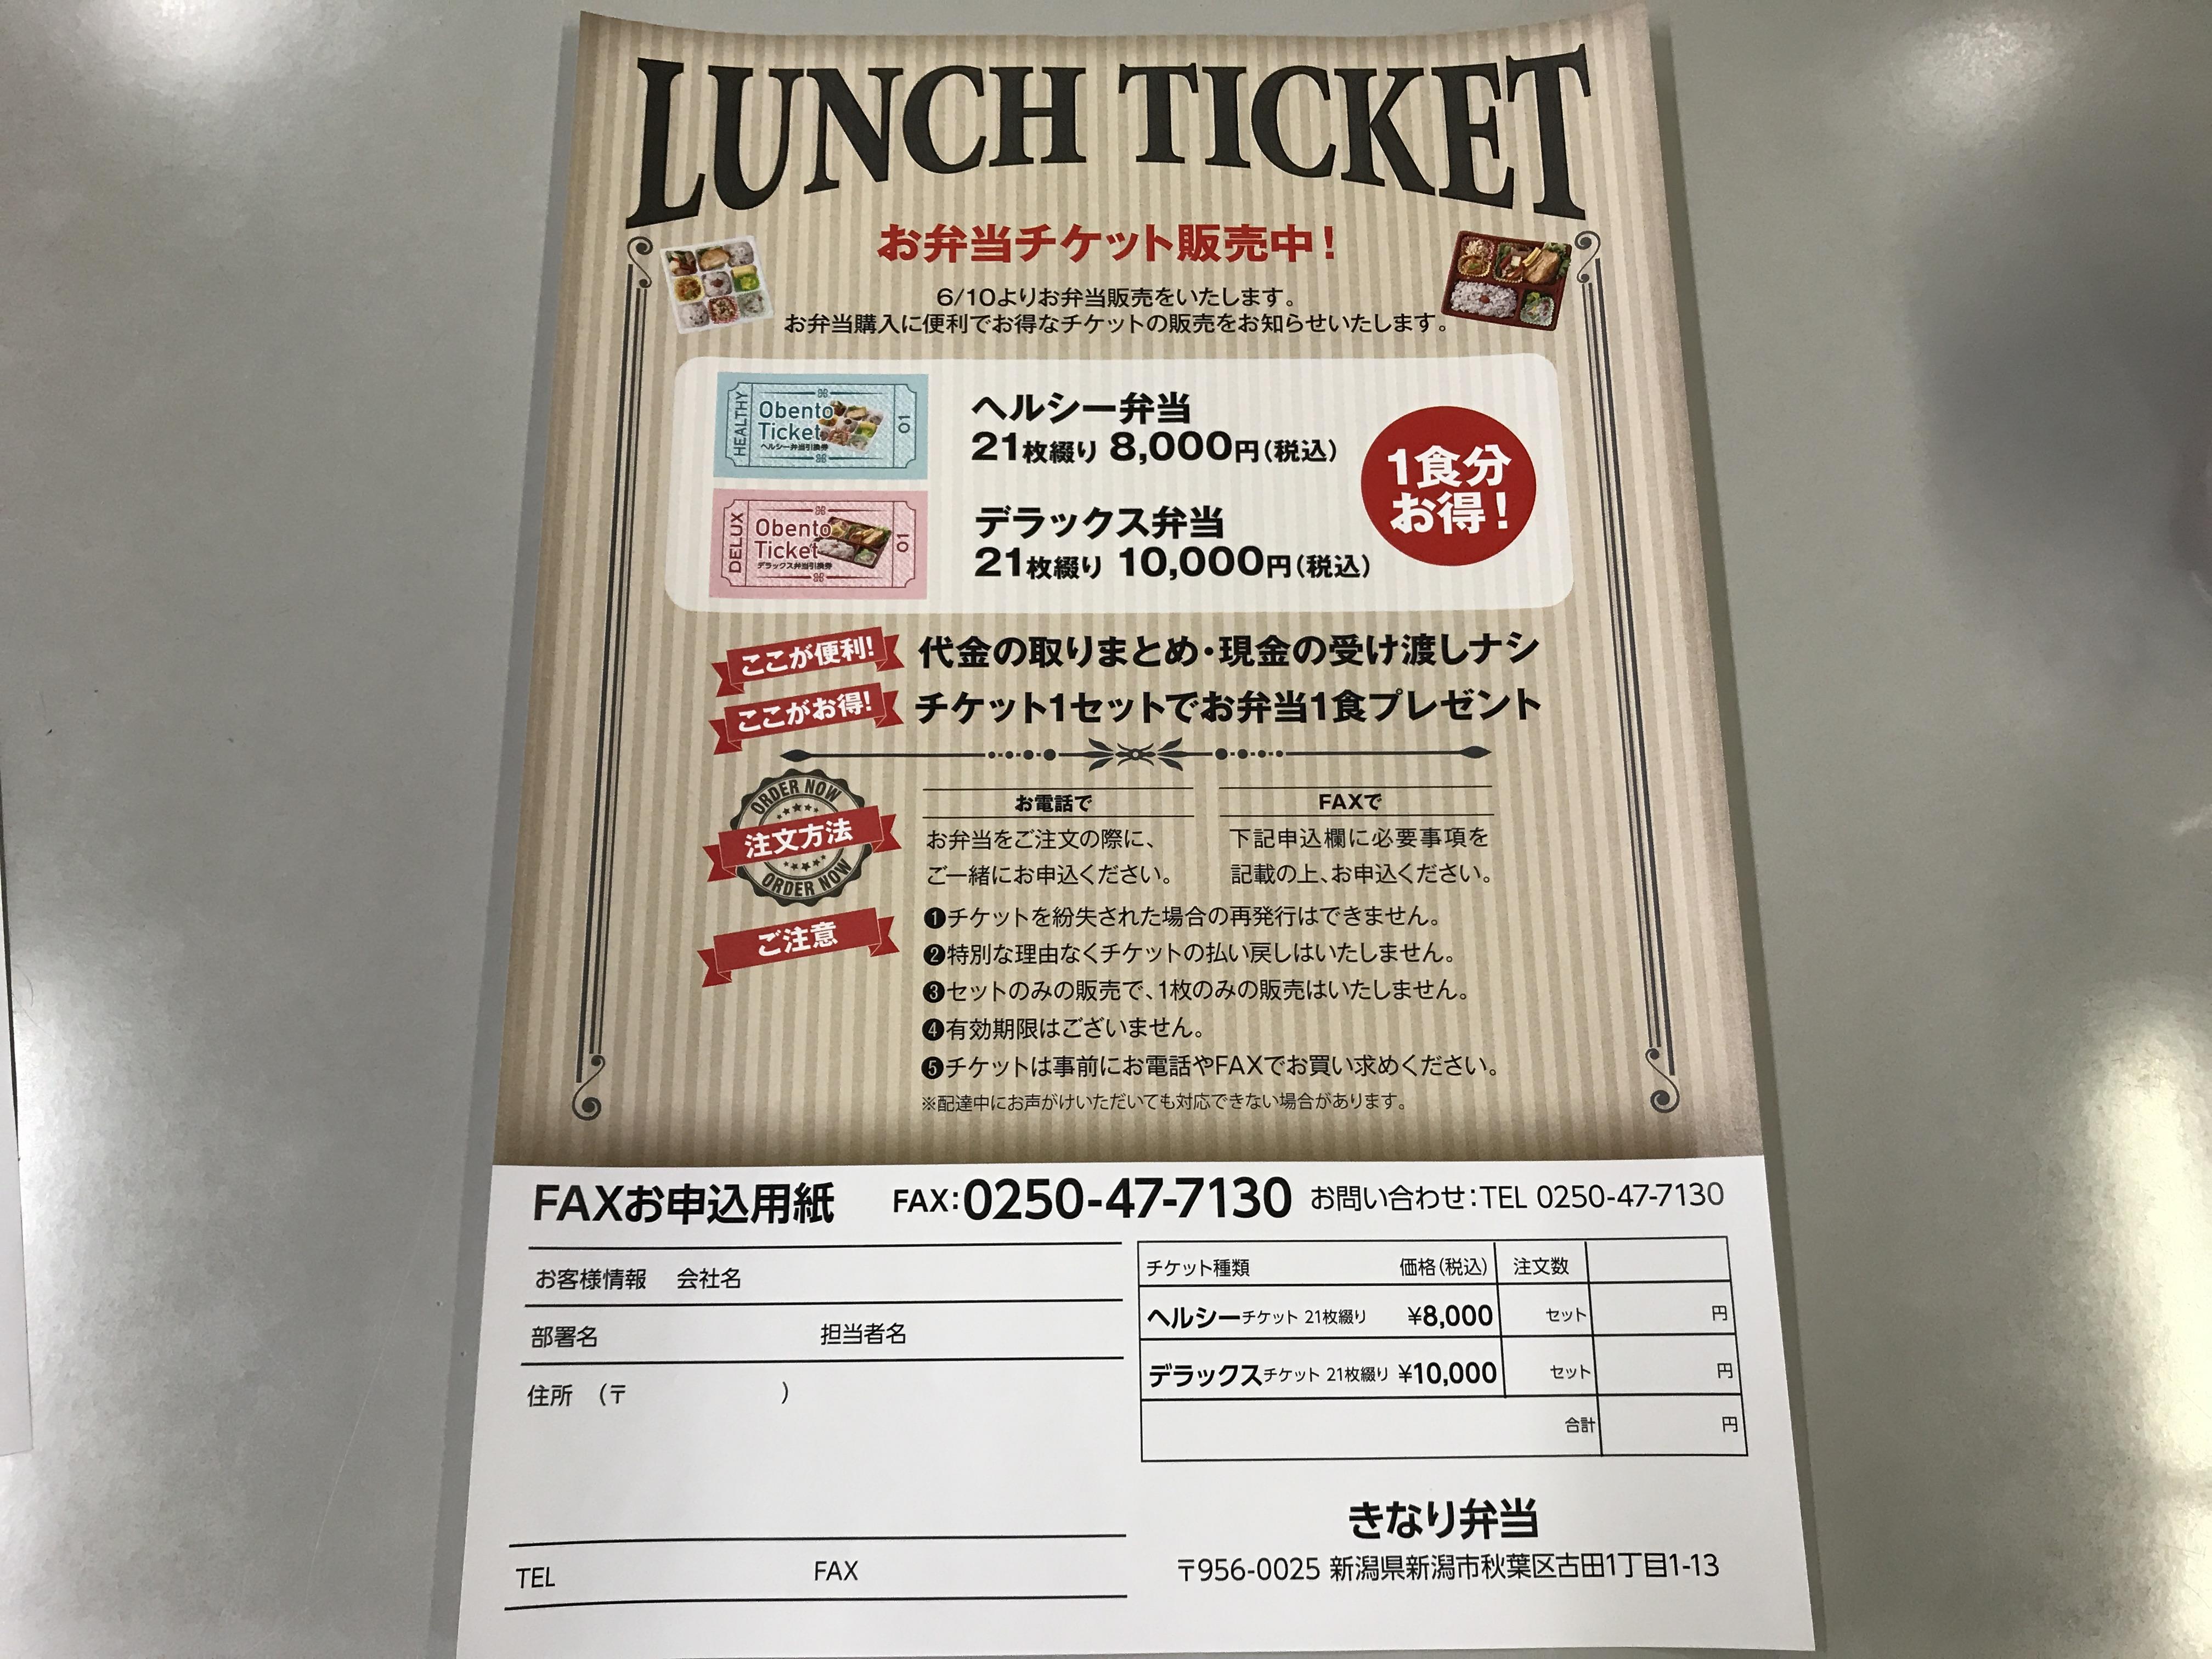 毎回現金を用意する必要がない&1食分お得なチケットもあります